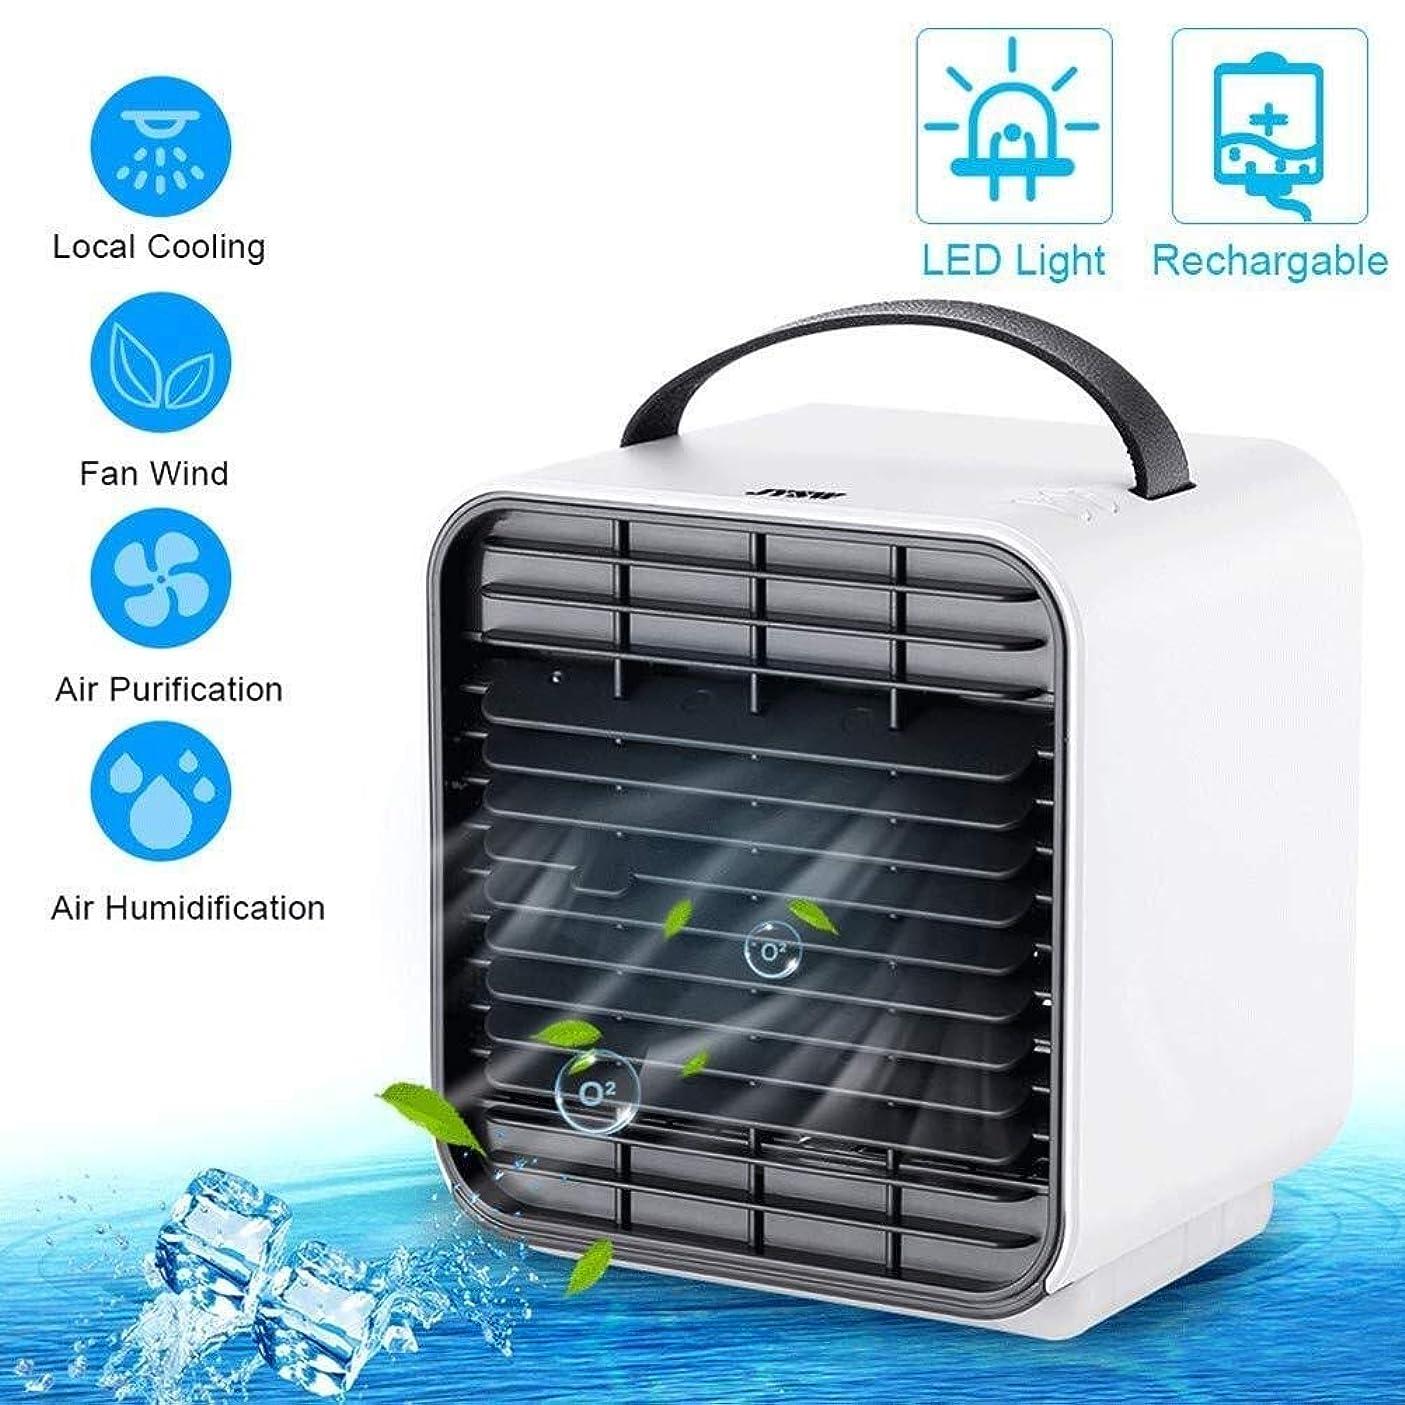 不安磁器亜熱帯水冷式サイレントミニモバイルエアコンUSB充電ファン冷風加湿器、夜間照明付き、ポータブルハンドル3スピード付きホームクーラー用エッセンシャルオイルを追加